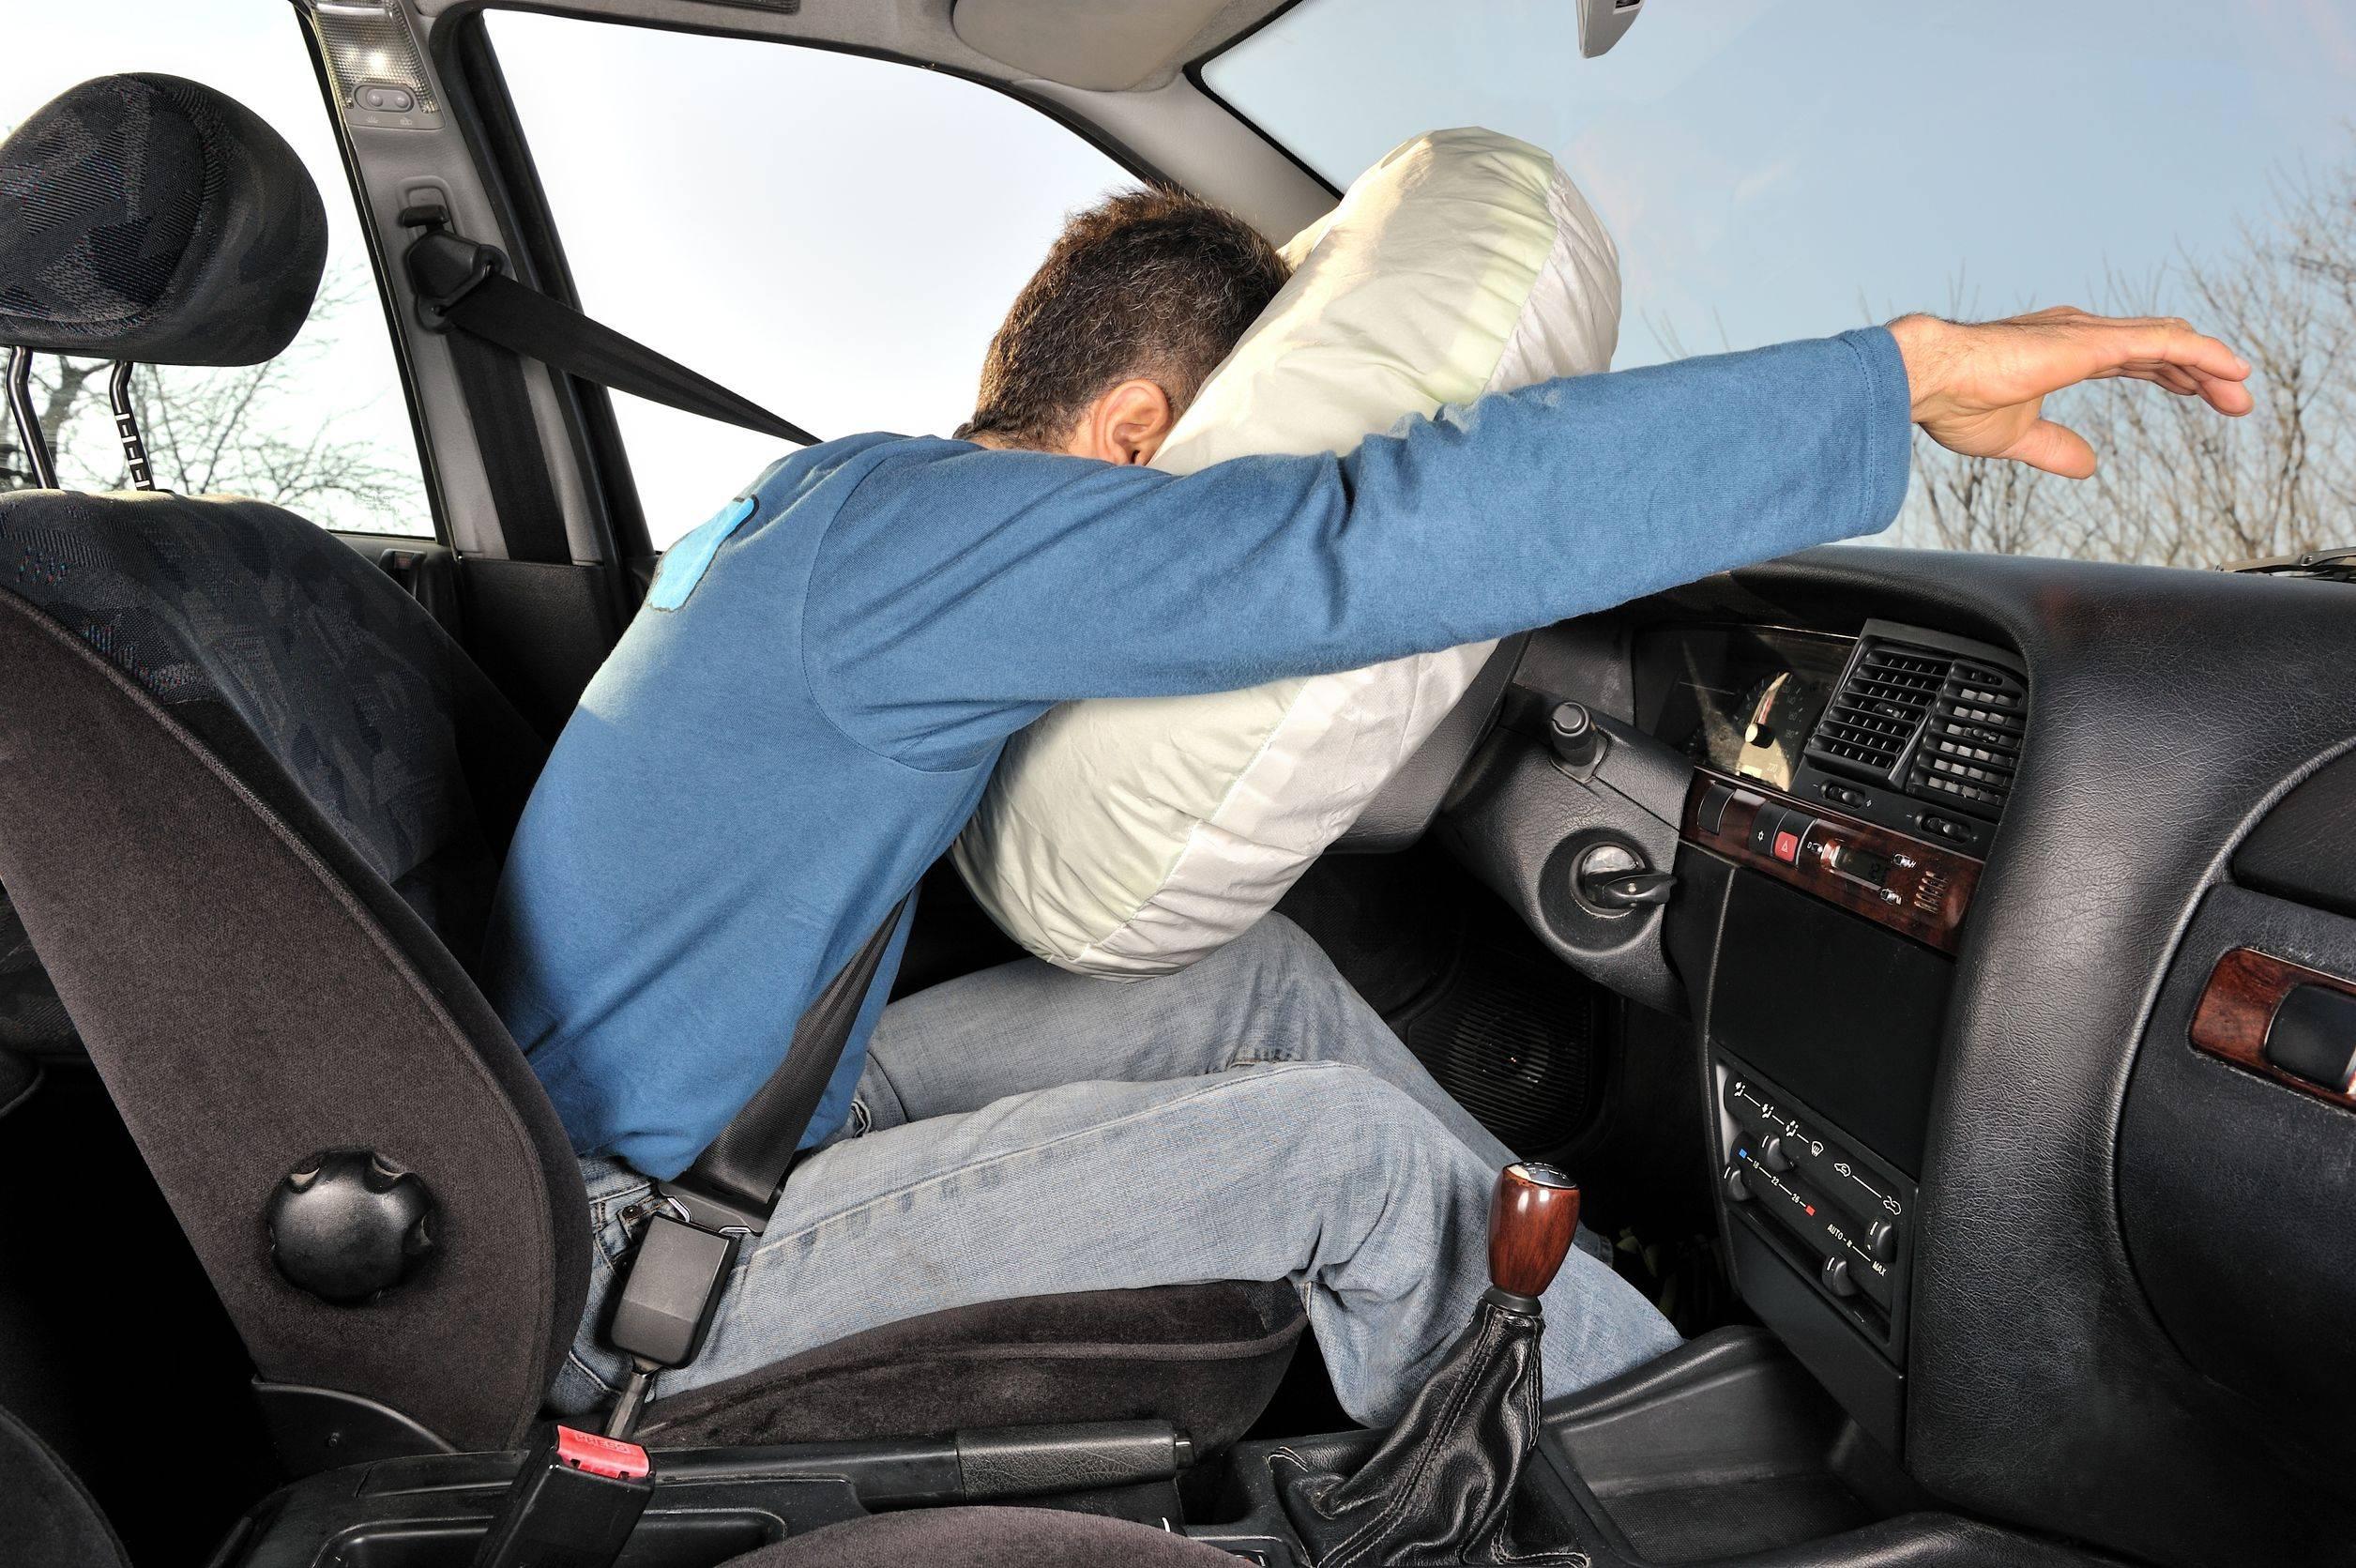 Quando é ativado, o airbag sai de seu compartimento a cerca de 300 km/h. Foto: Internet/ reprodução